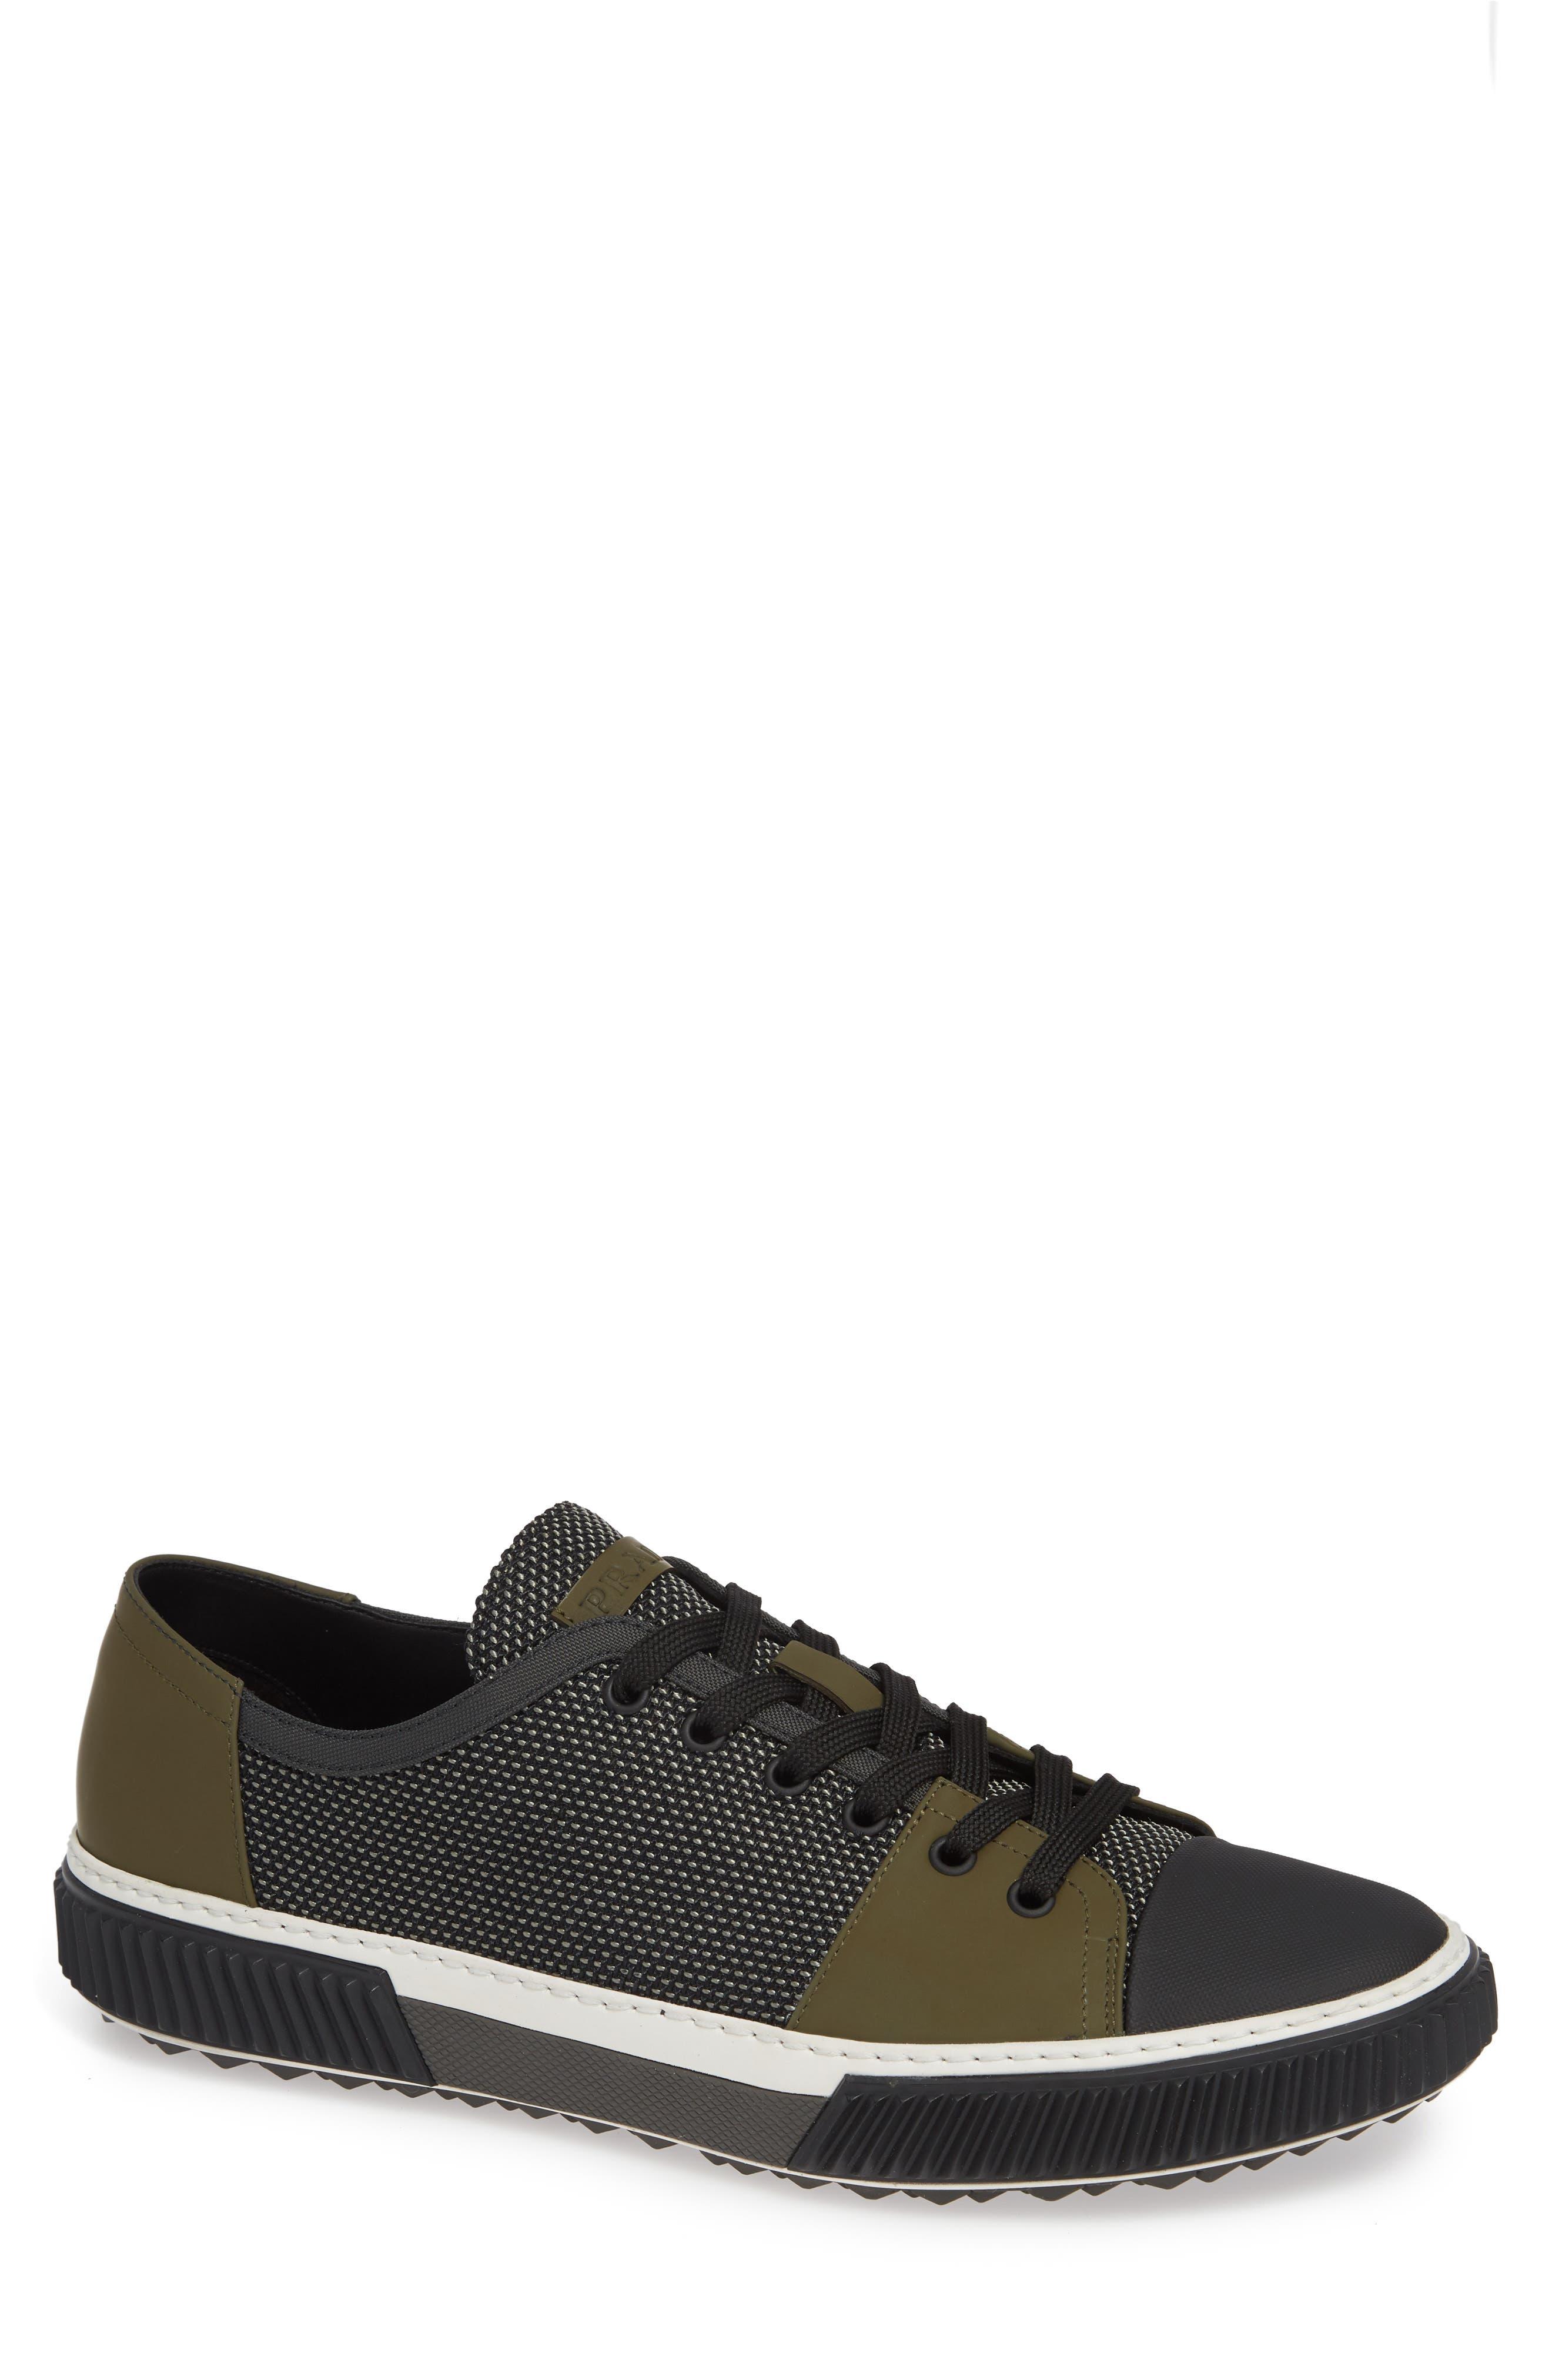 PRADA,                             Linea Rossa Sneaker,                             Main thumbnail 1, color,                             GREY/ BLACK